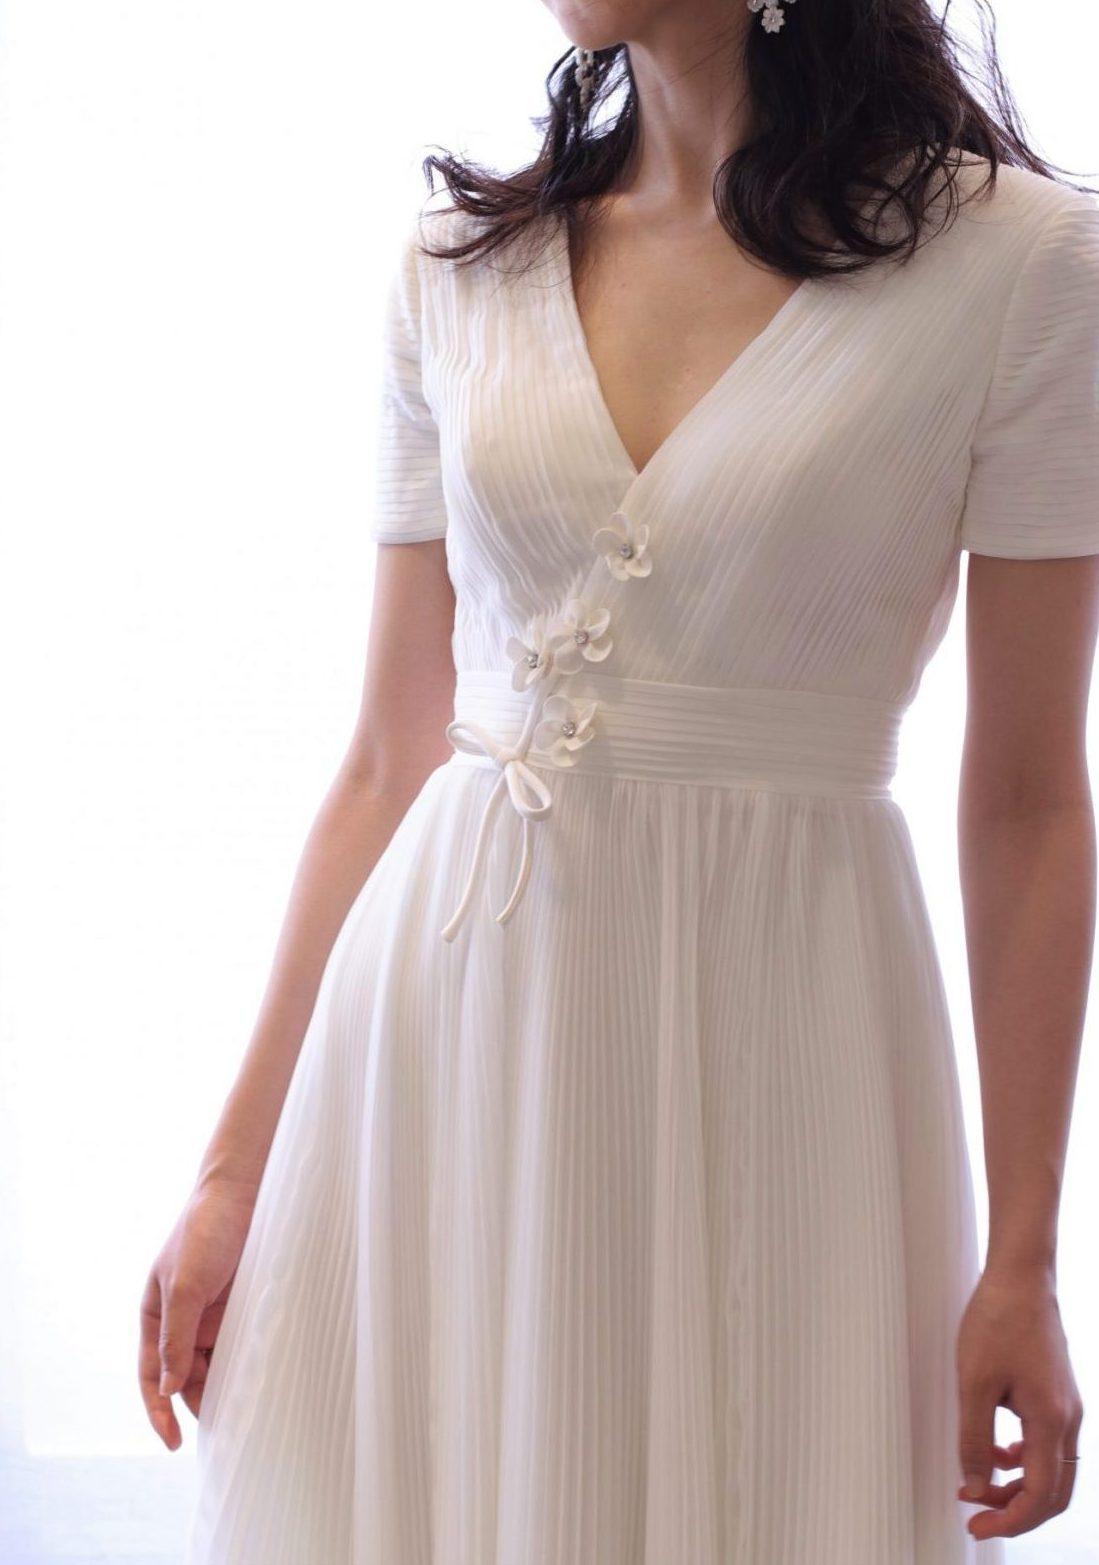 ザトリートドレッシングでは海外のインンポートのドレスを取り扱っており、この度トレンドの要素とラグジュアリーさを兼ね備えたヴィクターアンドロルフマリアージュの新作ウェディングドレスが入荷いたしました